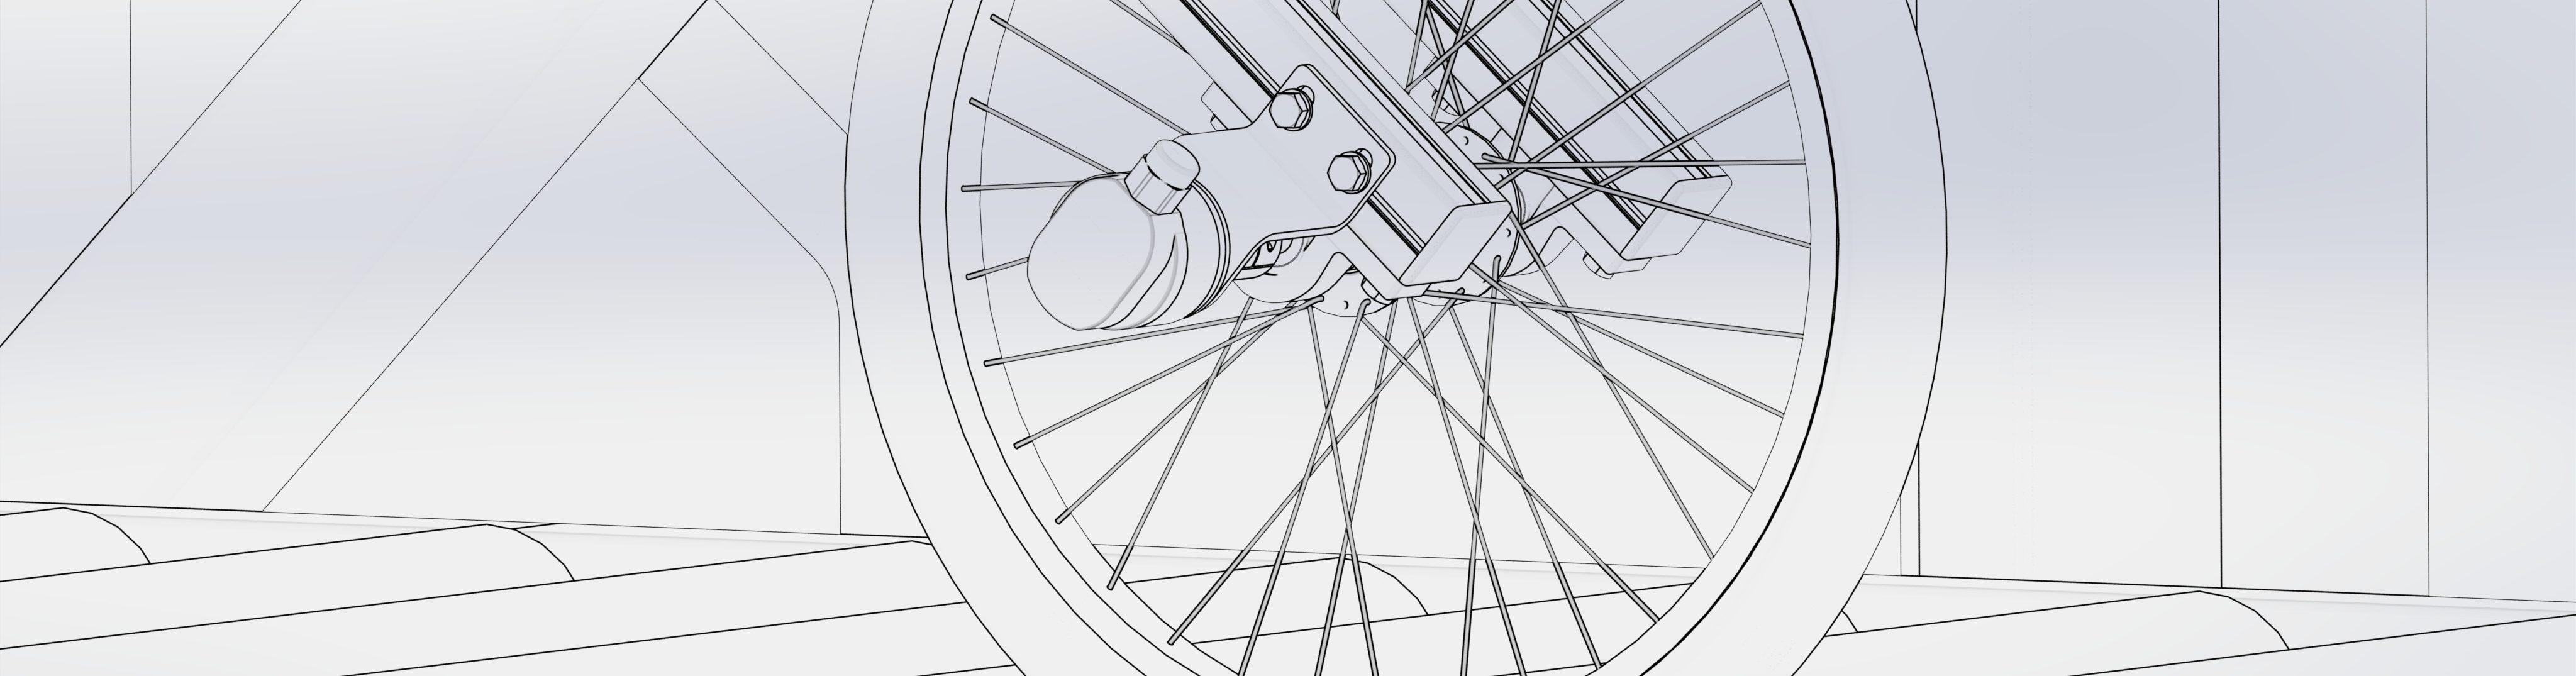 wheel_2019-01-25_4096x1550